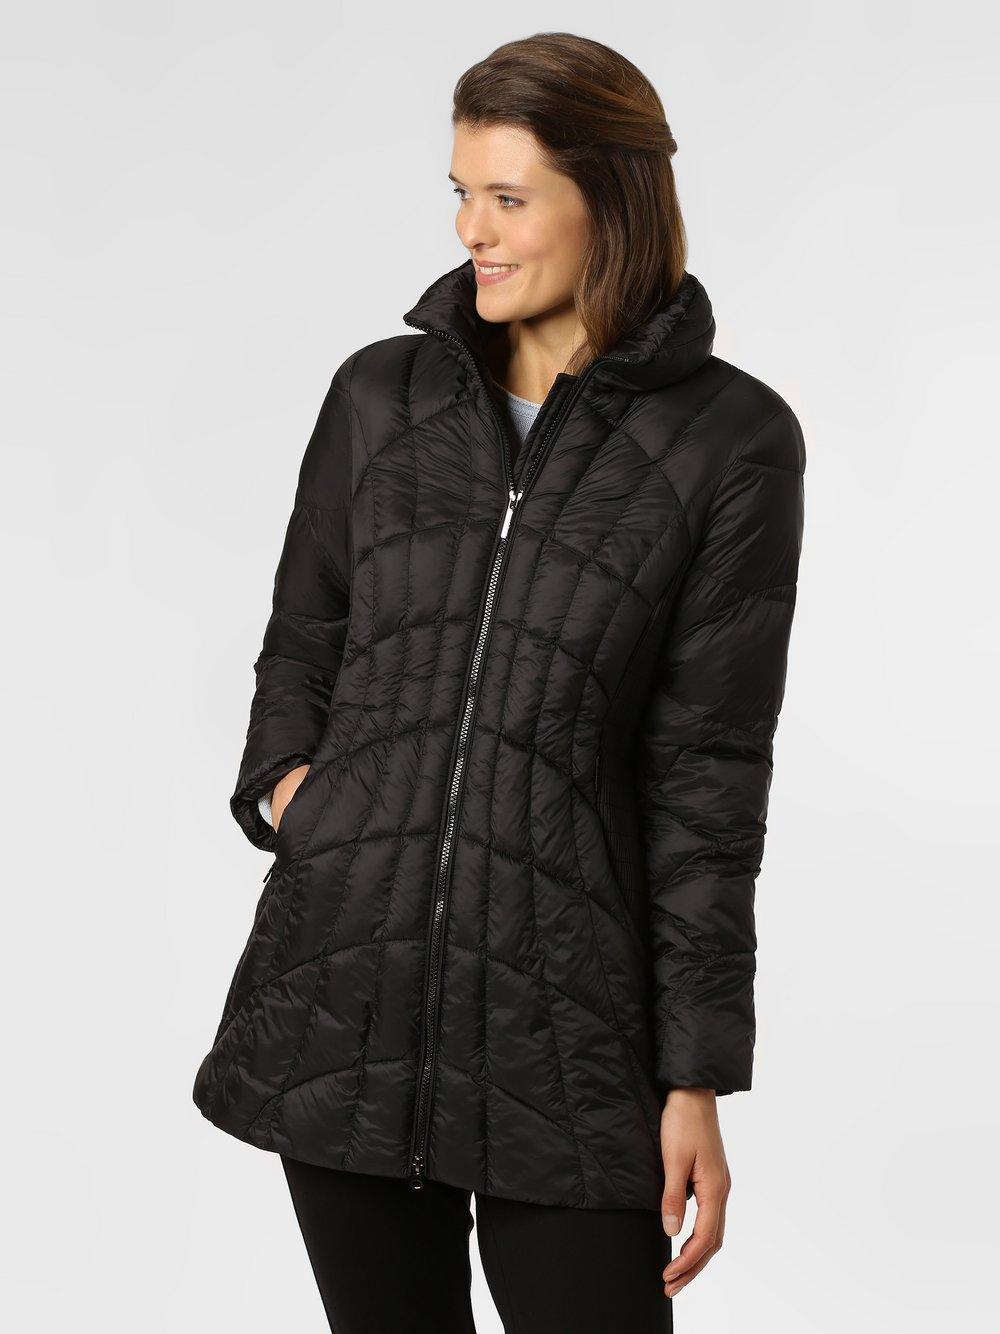 Franco Callegari - Damski płaszcz pikowany, czarny